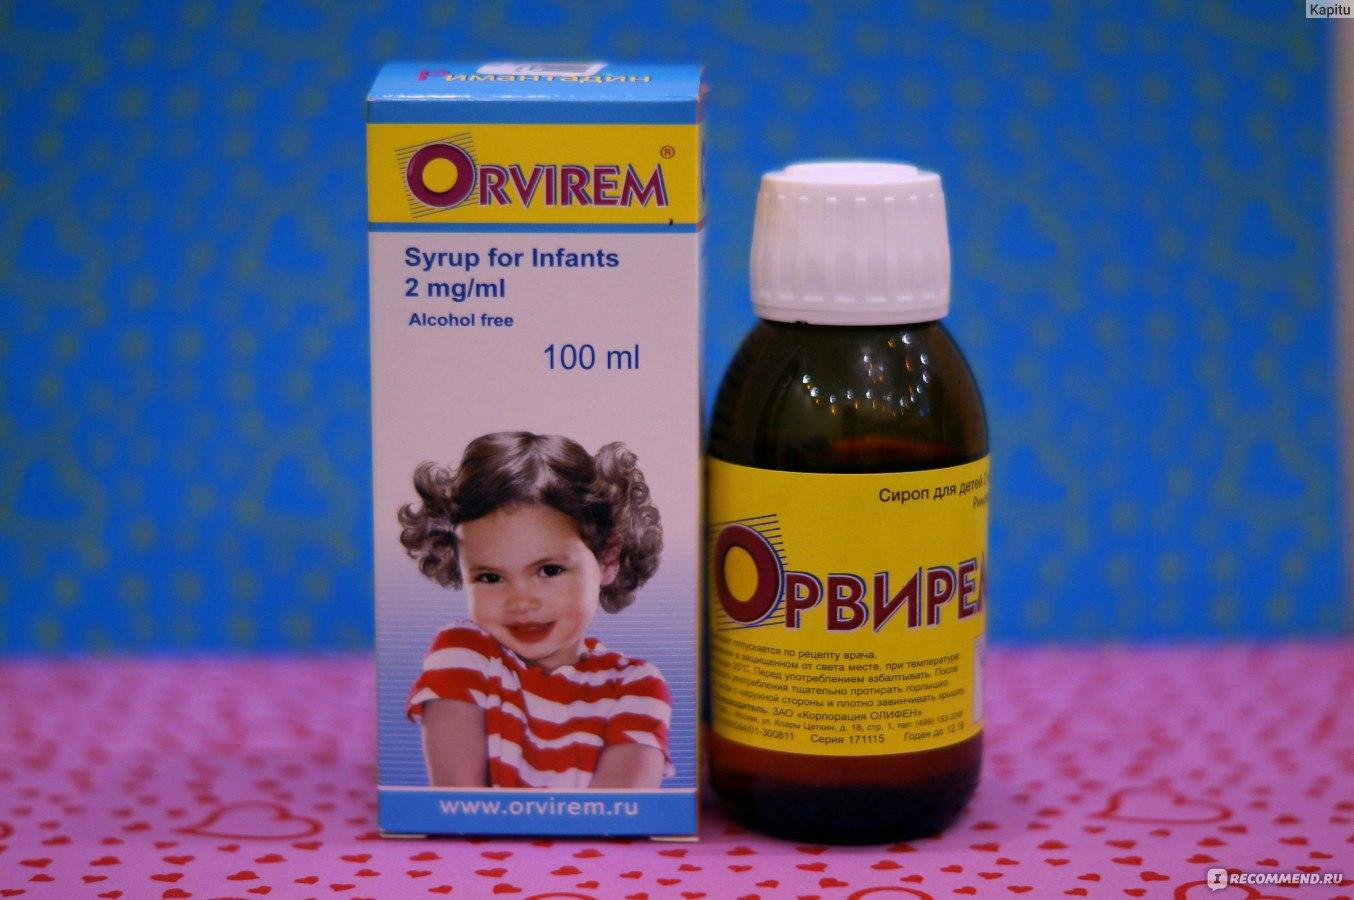 Орвирем – инструкция по применению для детей: схема приема противовирусного сиропа, аналоги, срок годности после вскрытия